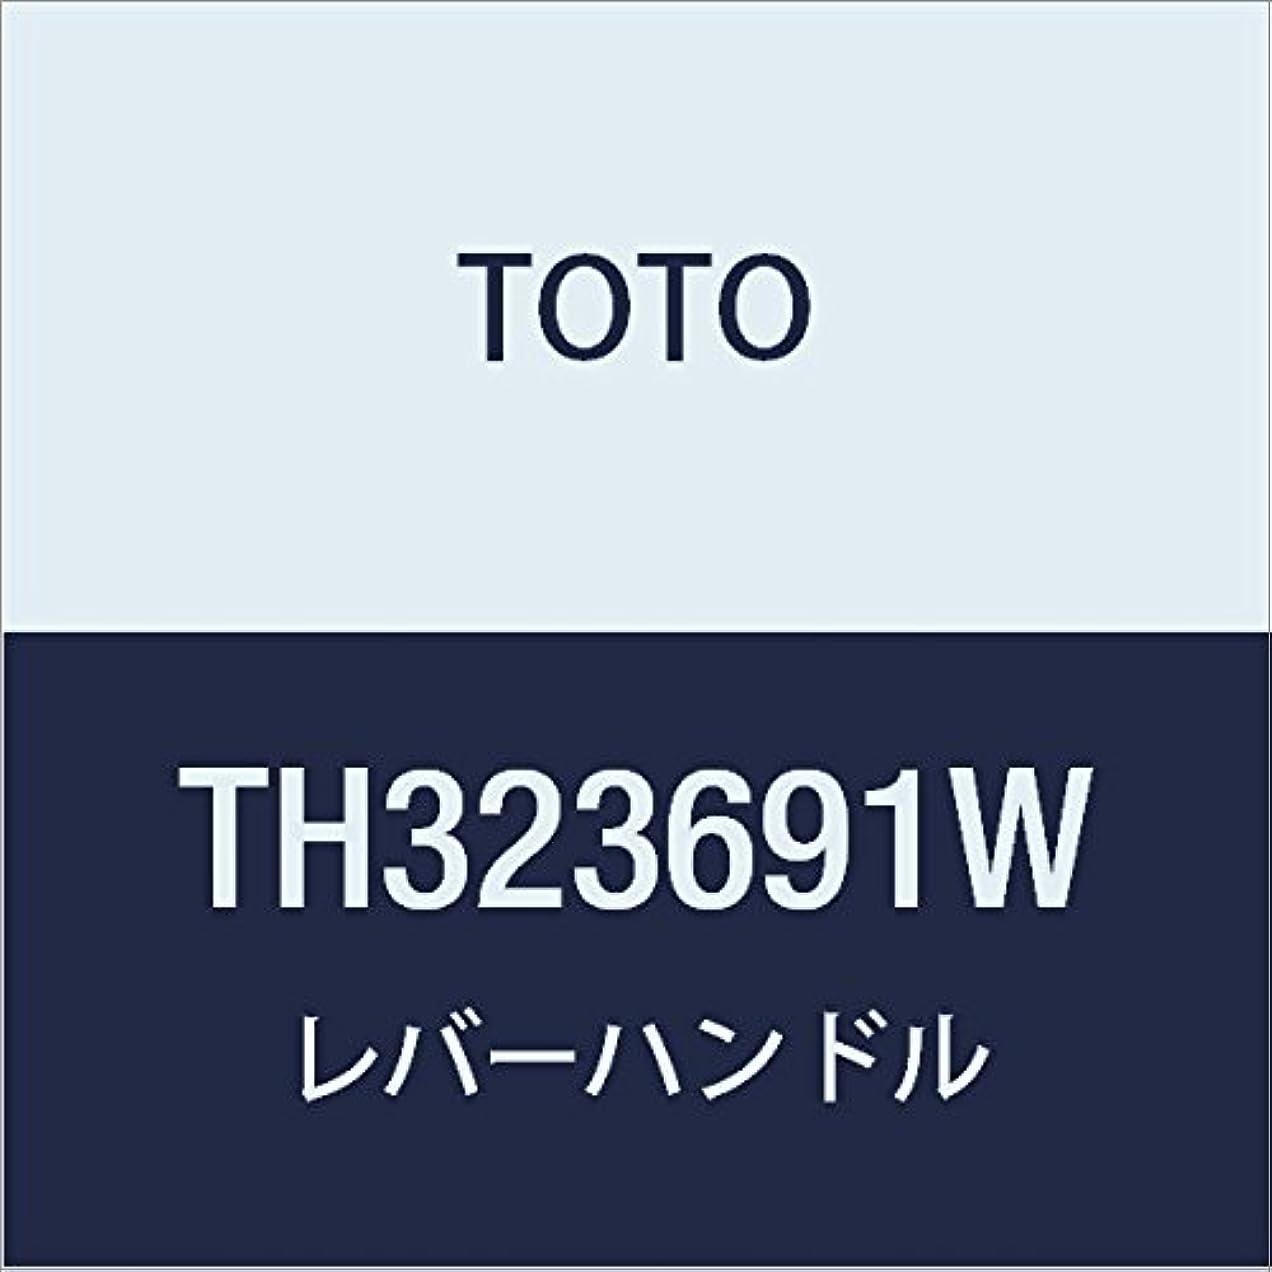 マダム抜粋アルファベットTOTO レバーハンドル TH323691W